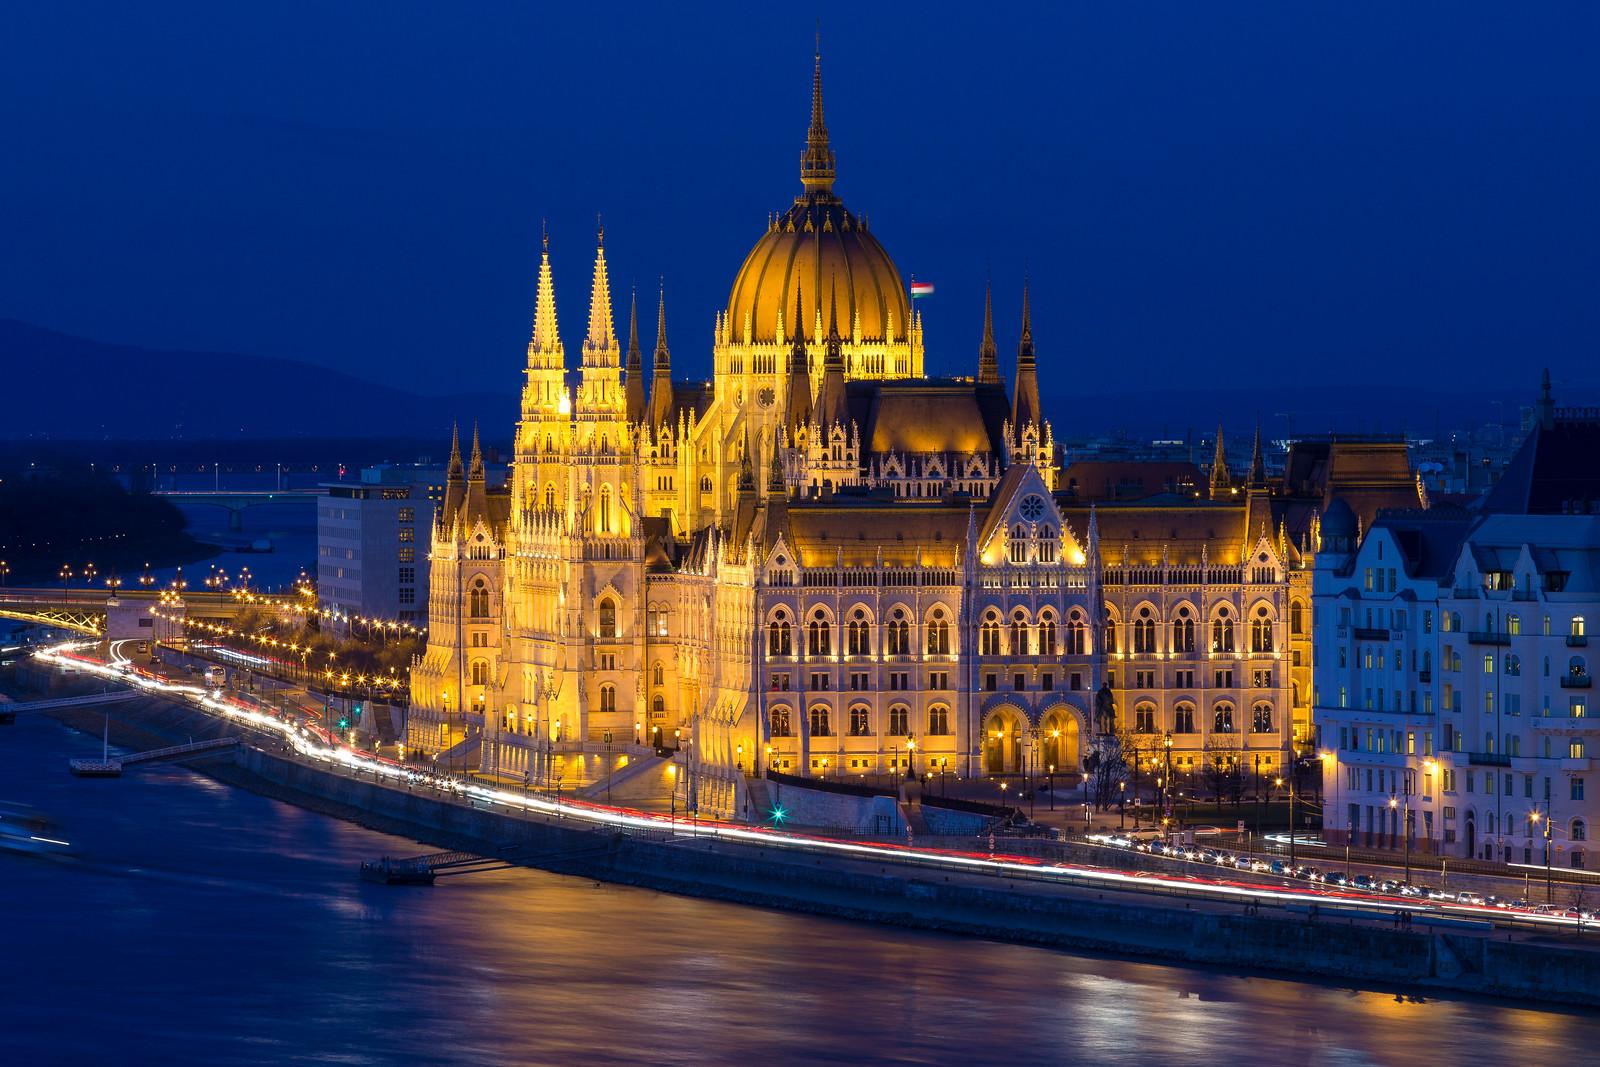 Parlament a kék órában a Budai várból fotózva